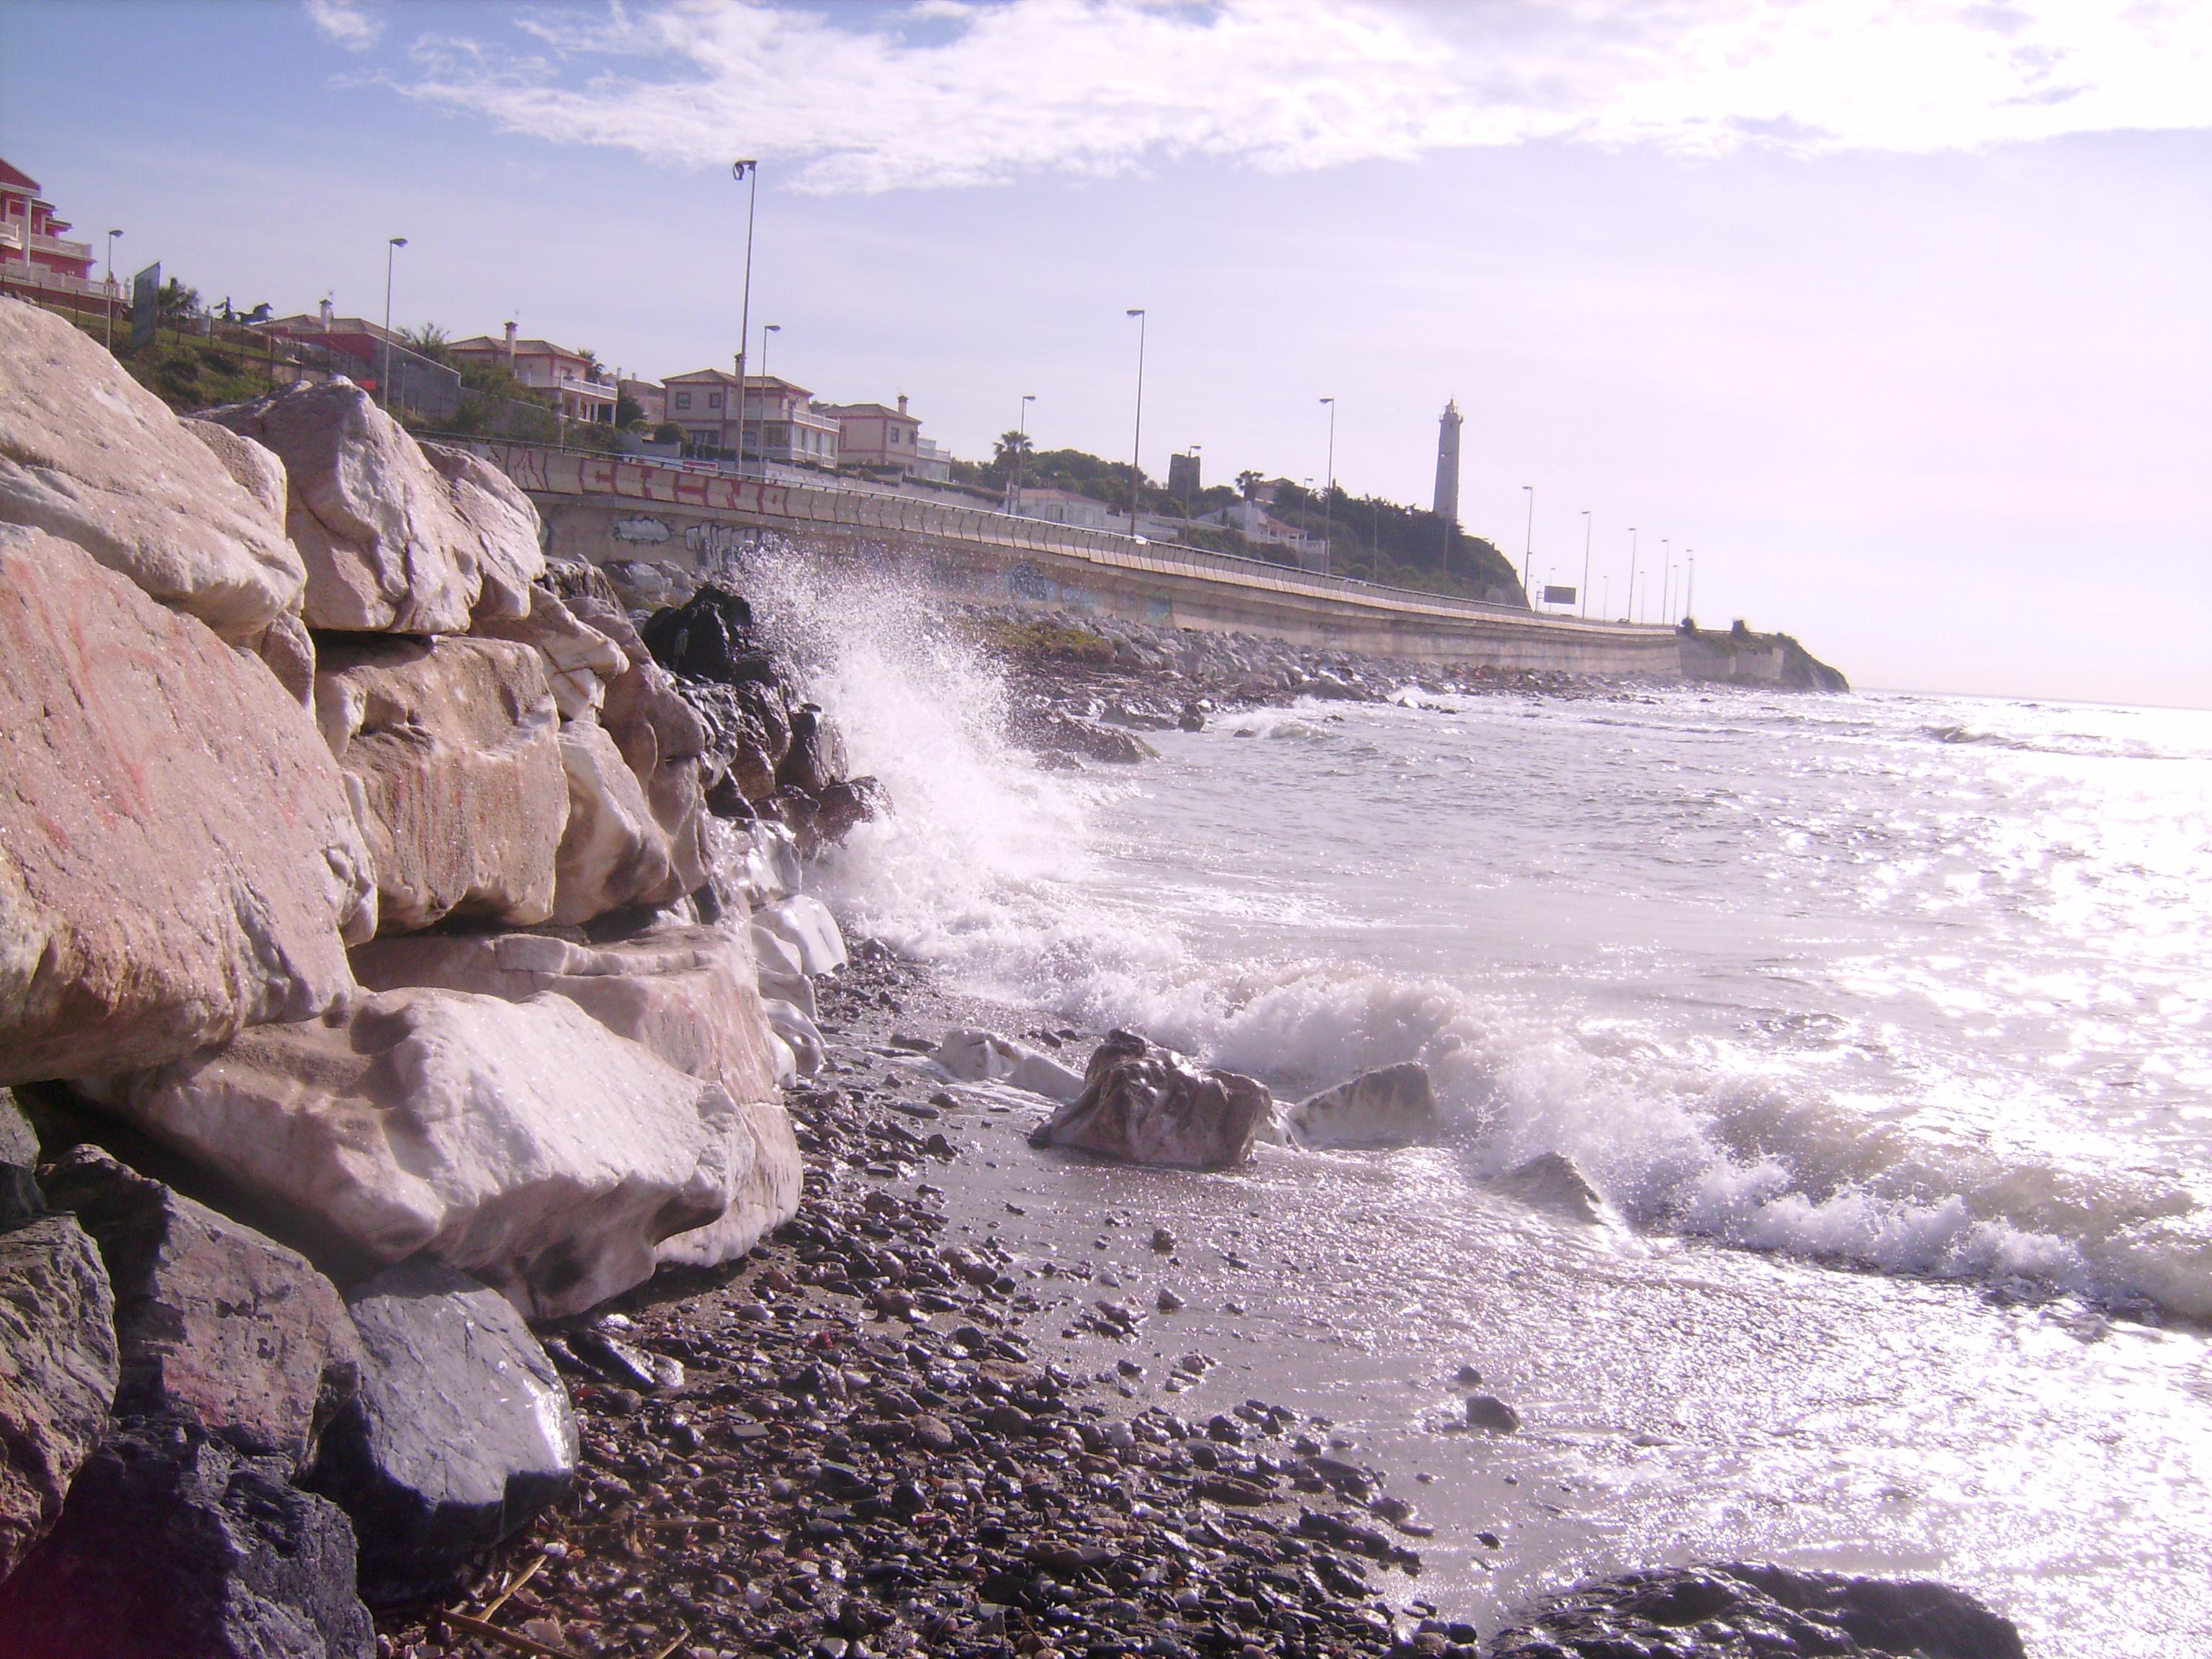 Rónay György<br />                     S mit hallgassunk, ha nincs? <br /><br />                                                                     - A tenger mindenütt van <br />és mindig van, Szerápion. Ahol te vagy, ott van a tenger.<br />